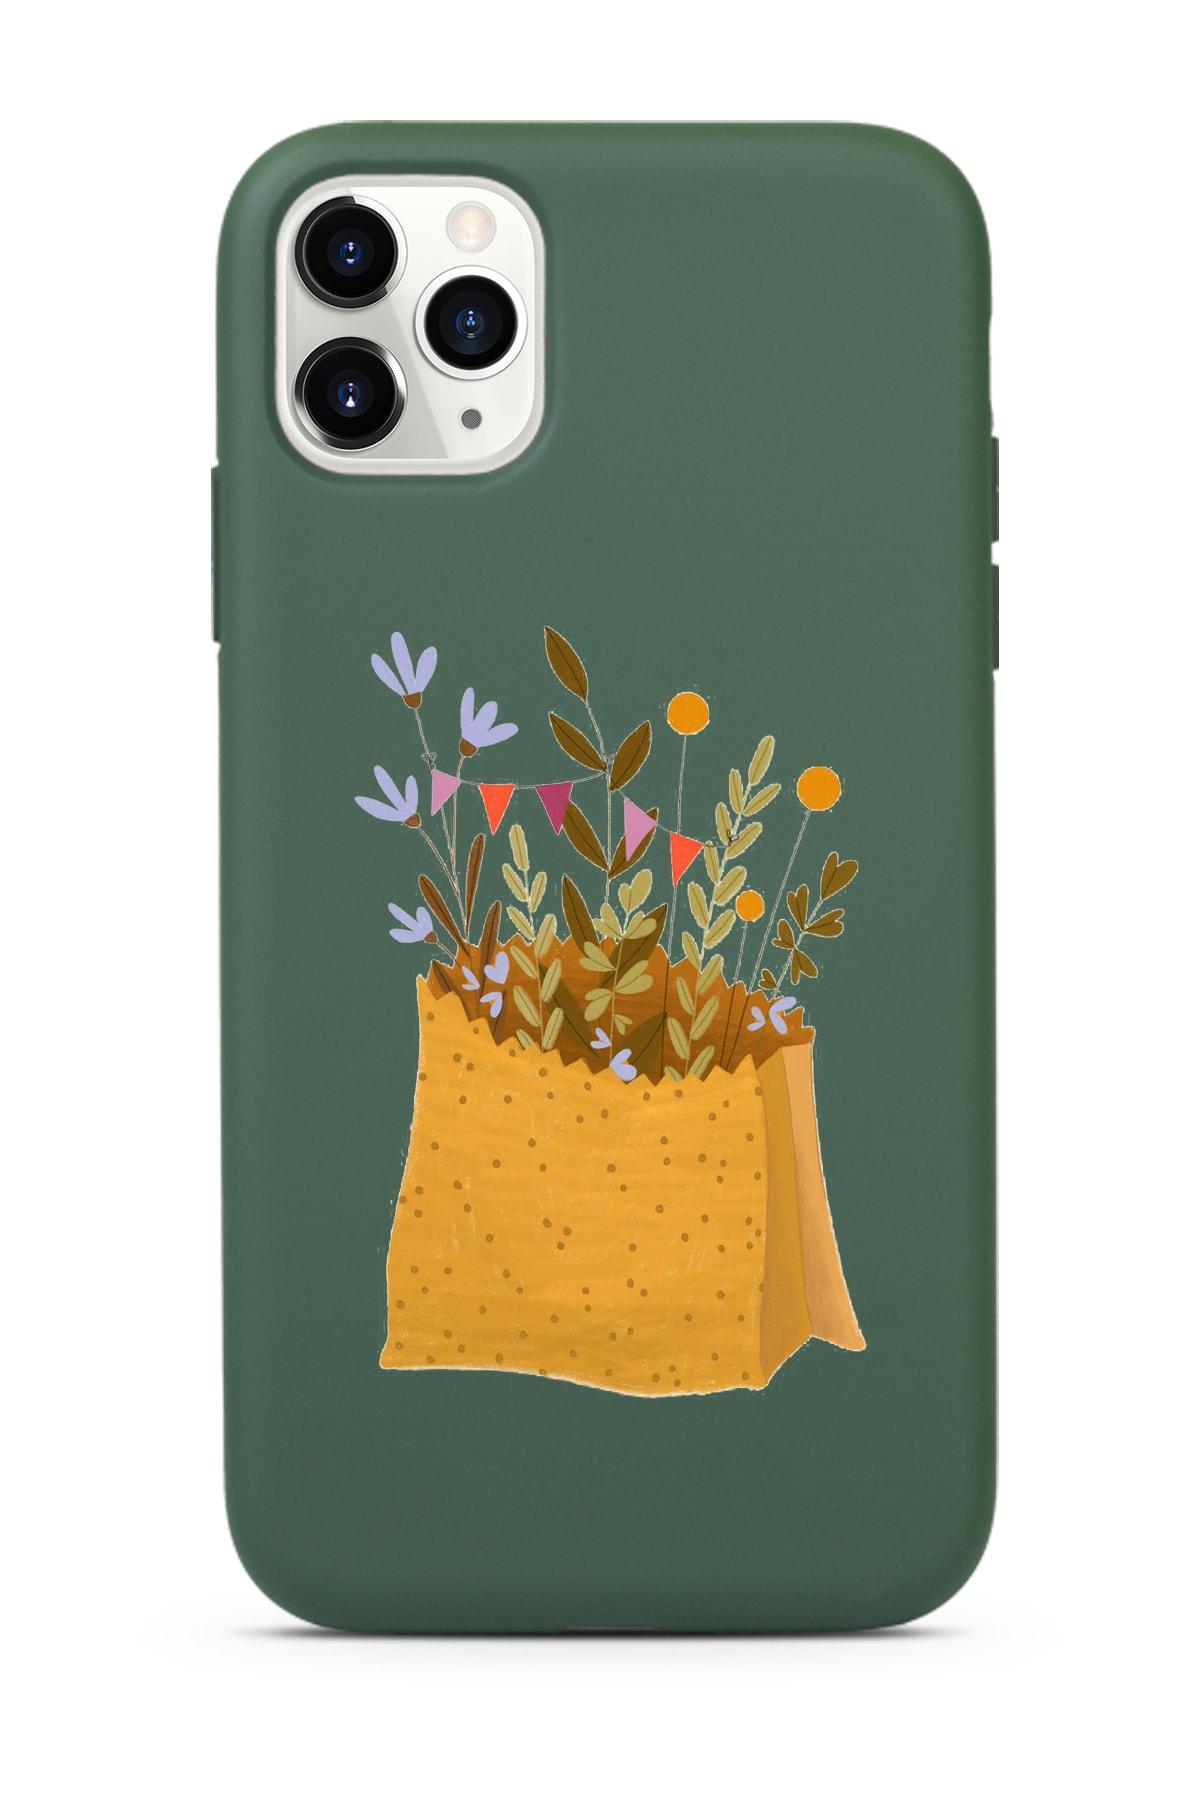 Spoyi Koyu Yeşil Lansman Kılıf Iphone 11 Pro Max 1